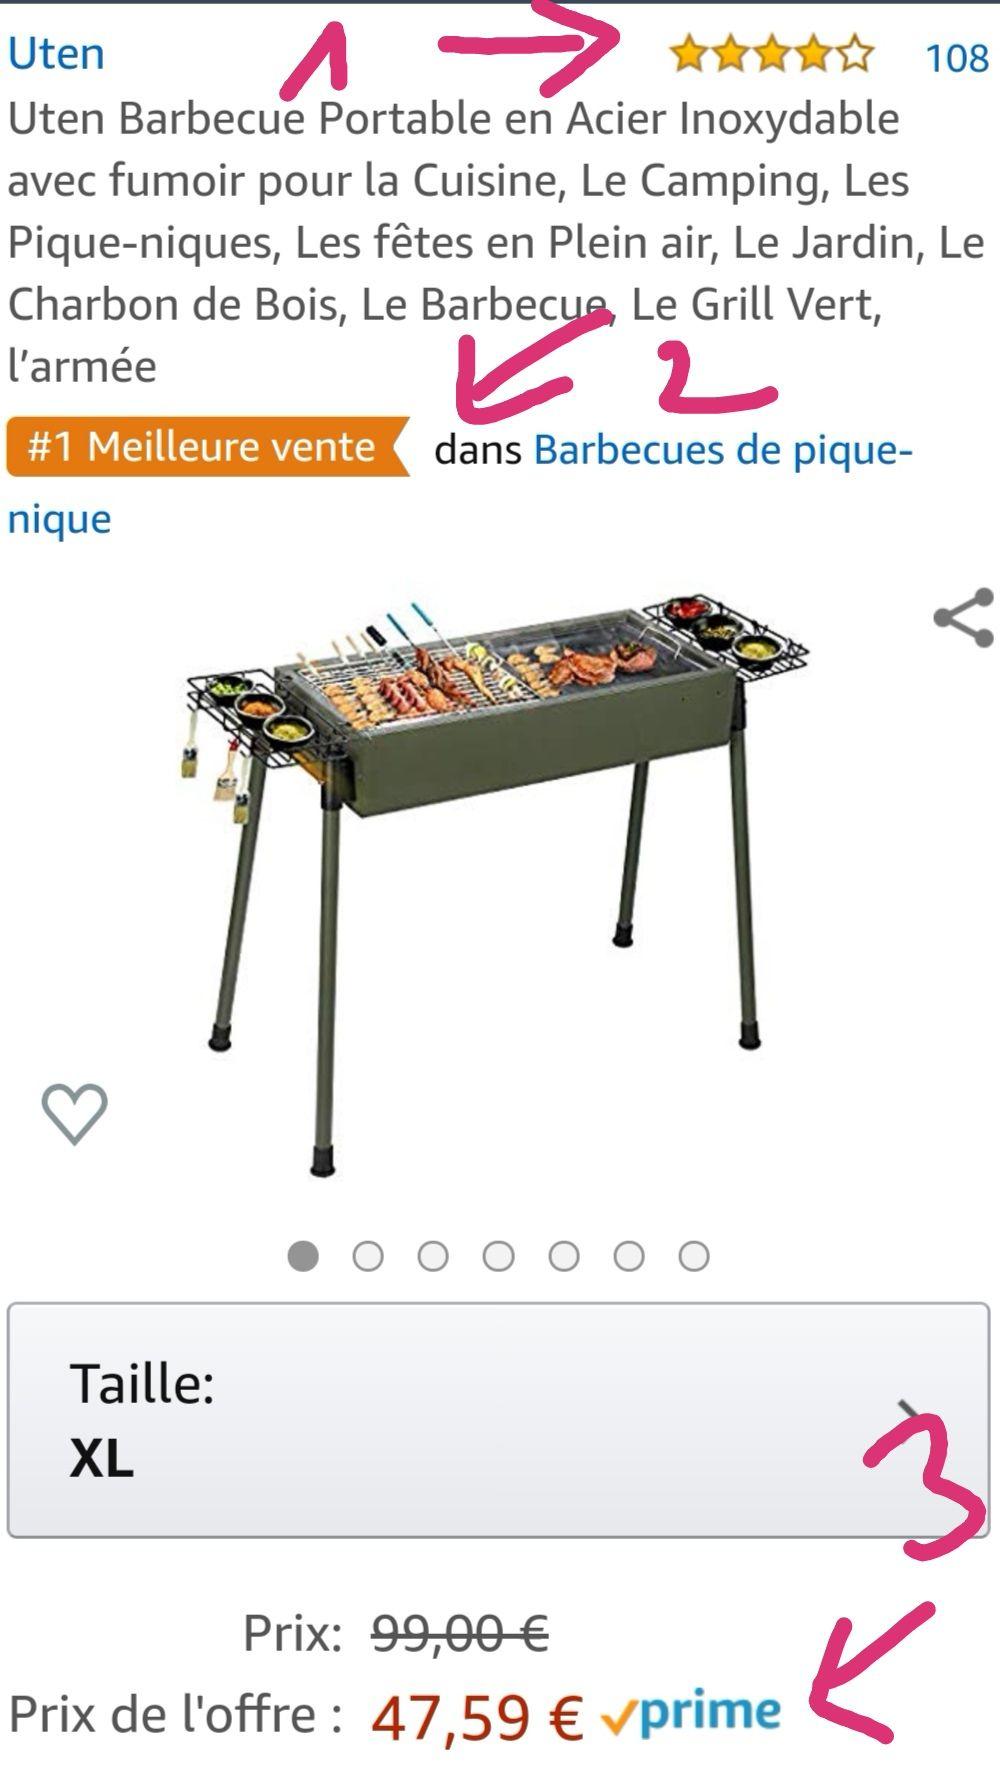 Uten Barbecue Portable en Acier Inoxydable à Charbon de Bois